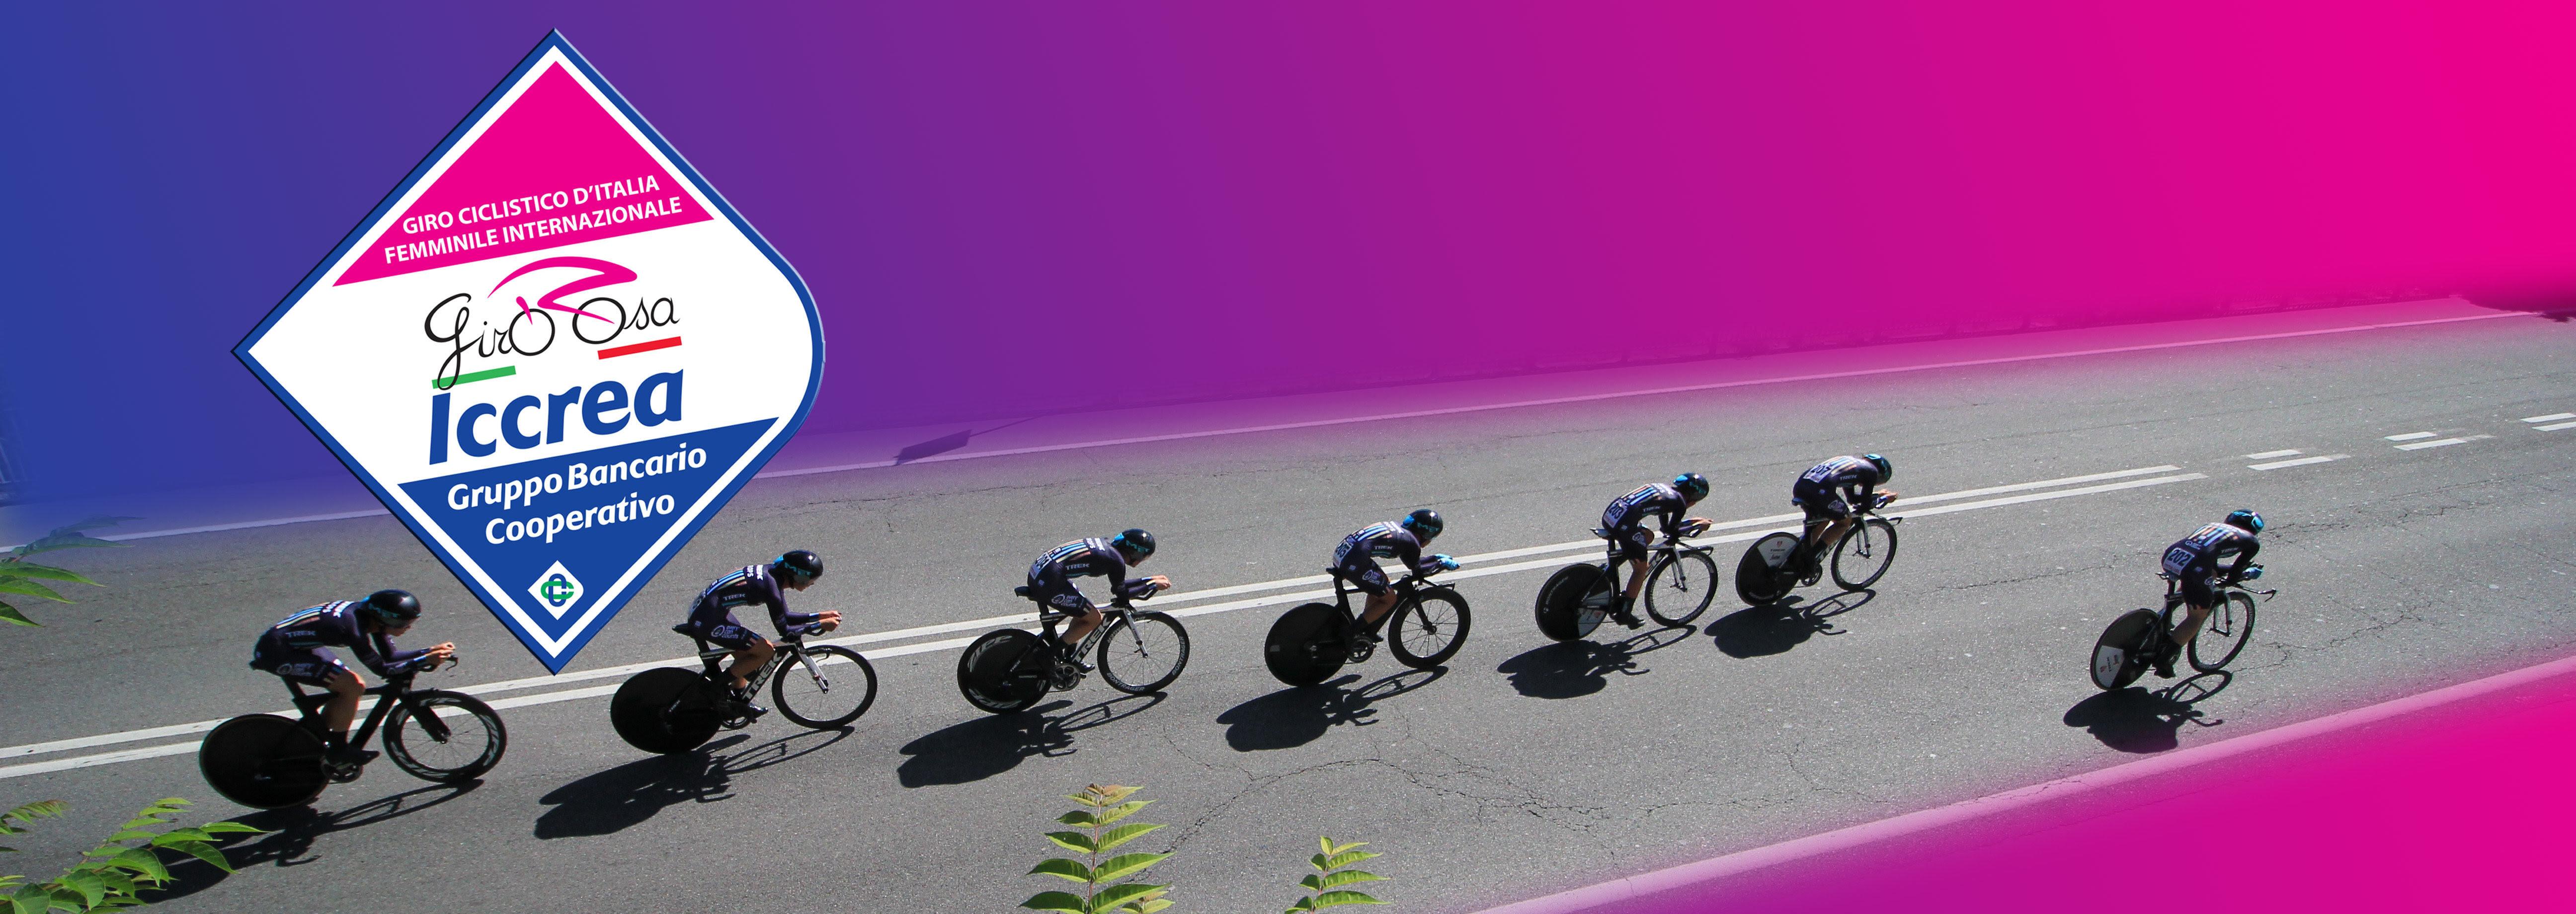 Calendario Gare Ciclismo 2020.Giro Rosa Iccrea Ufficializzato Il Calendario Del Women S